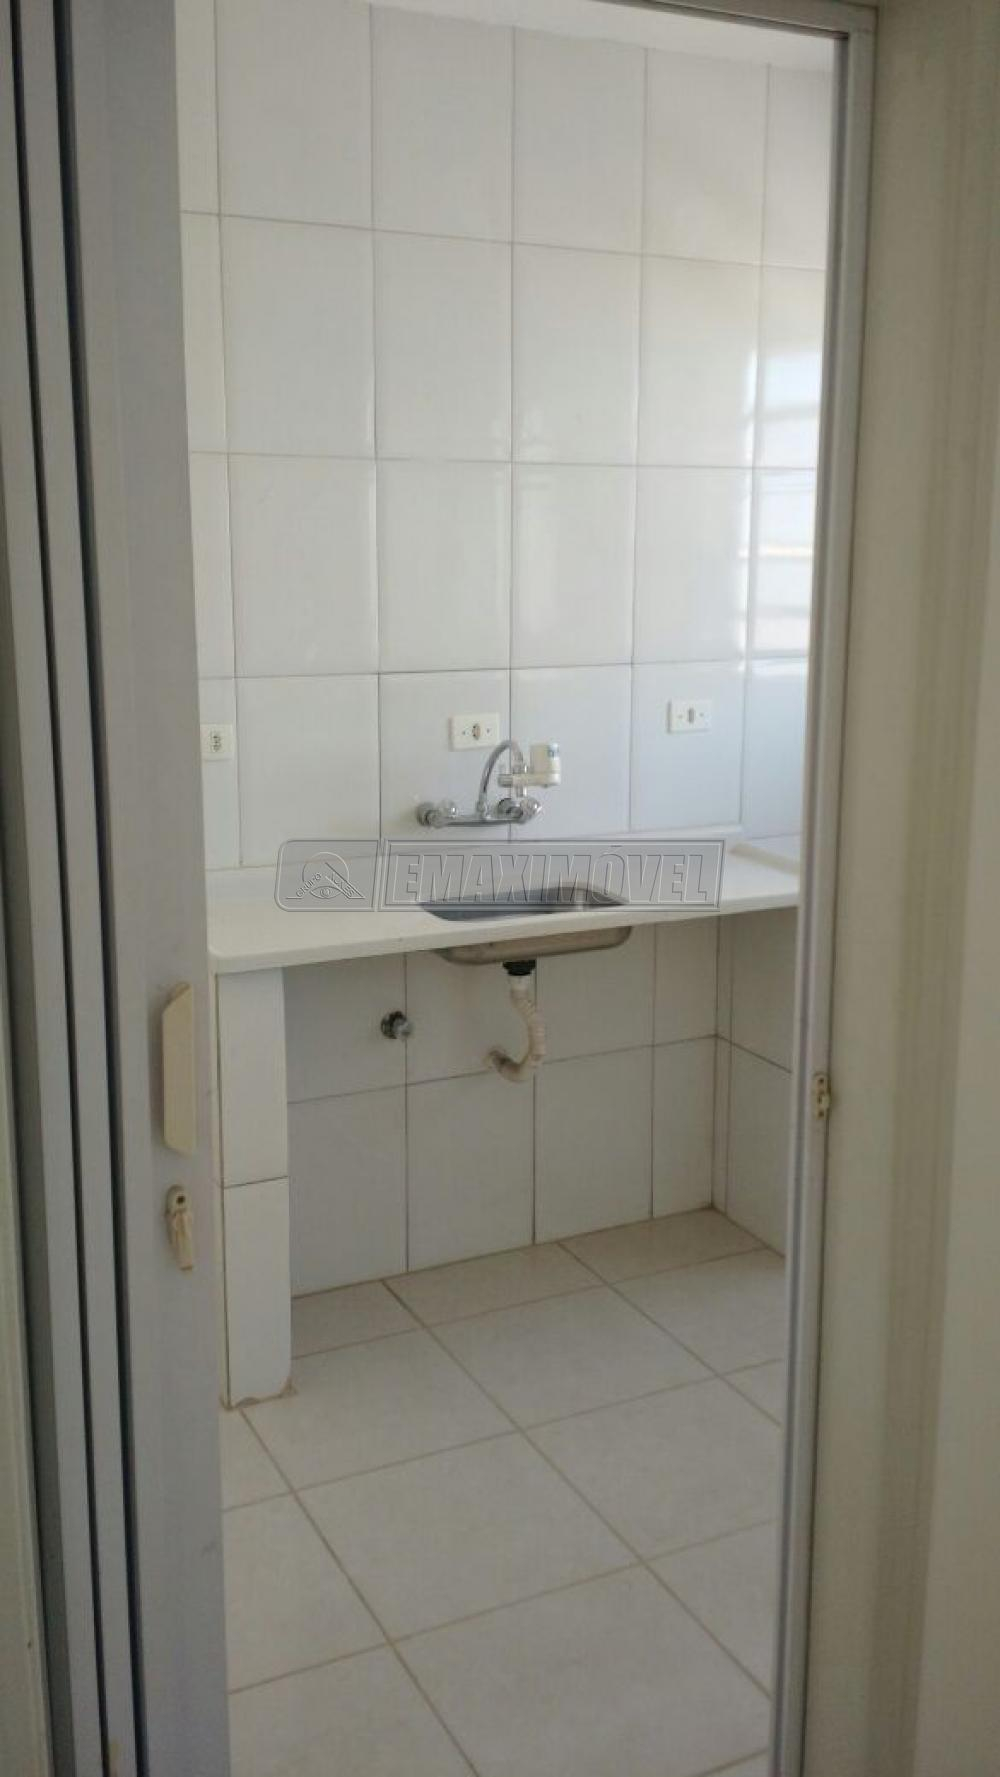 Alugar Apartamentos / Apto Padrão em Sorocaba apenas R$ 500,00 - Foto 19